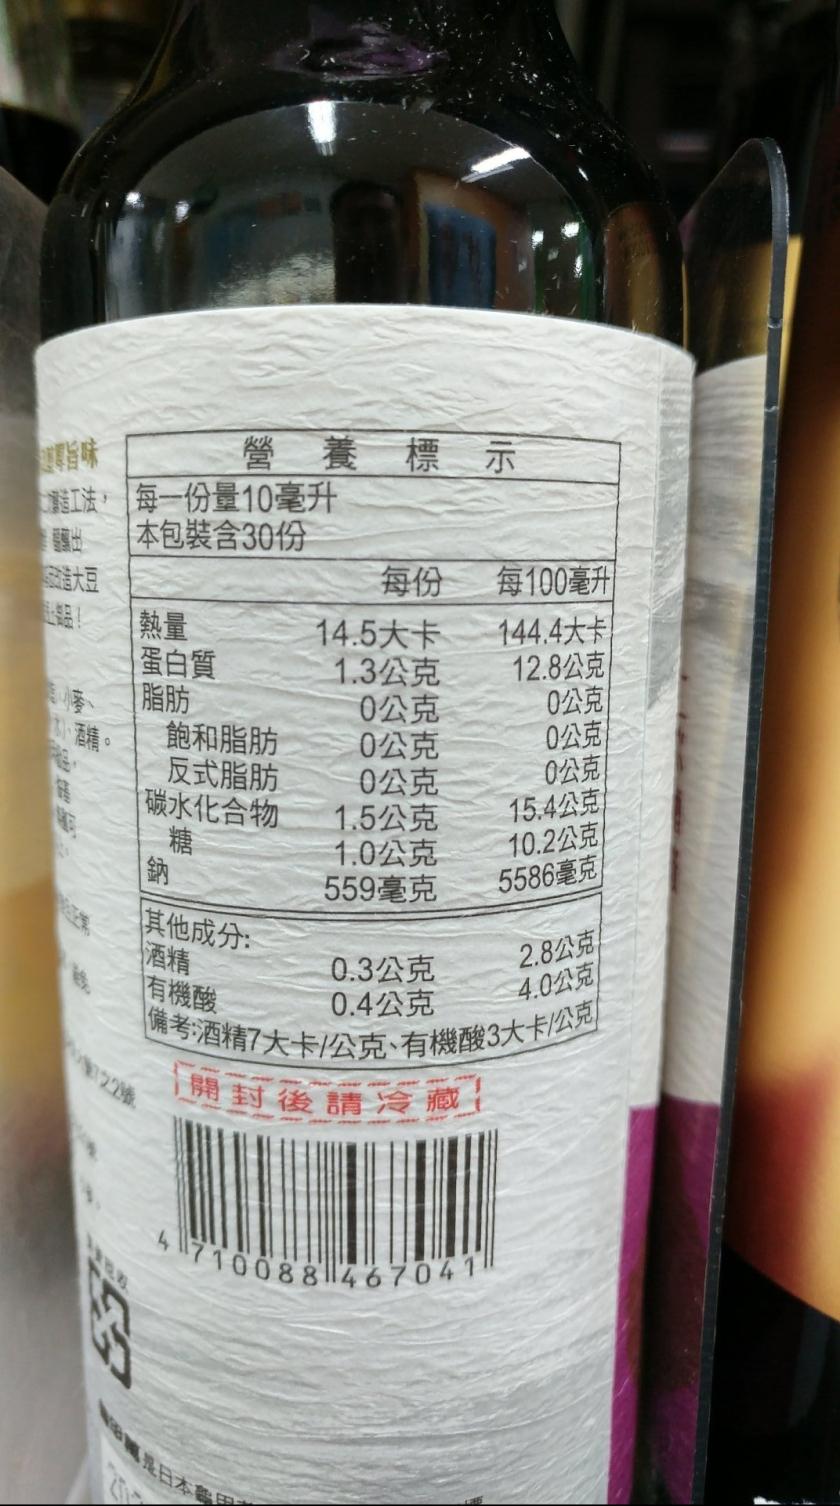 台灣統萬龜甲萬 御釀醬油的營養標示